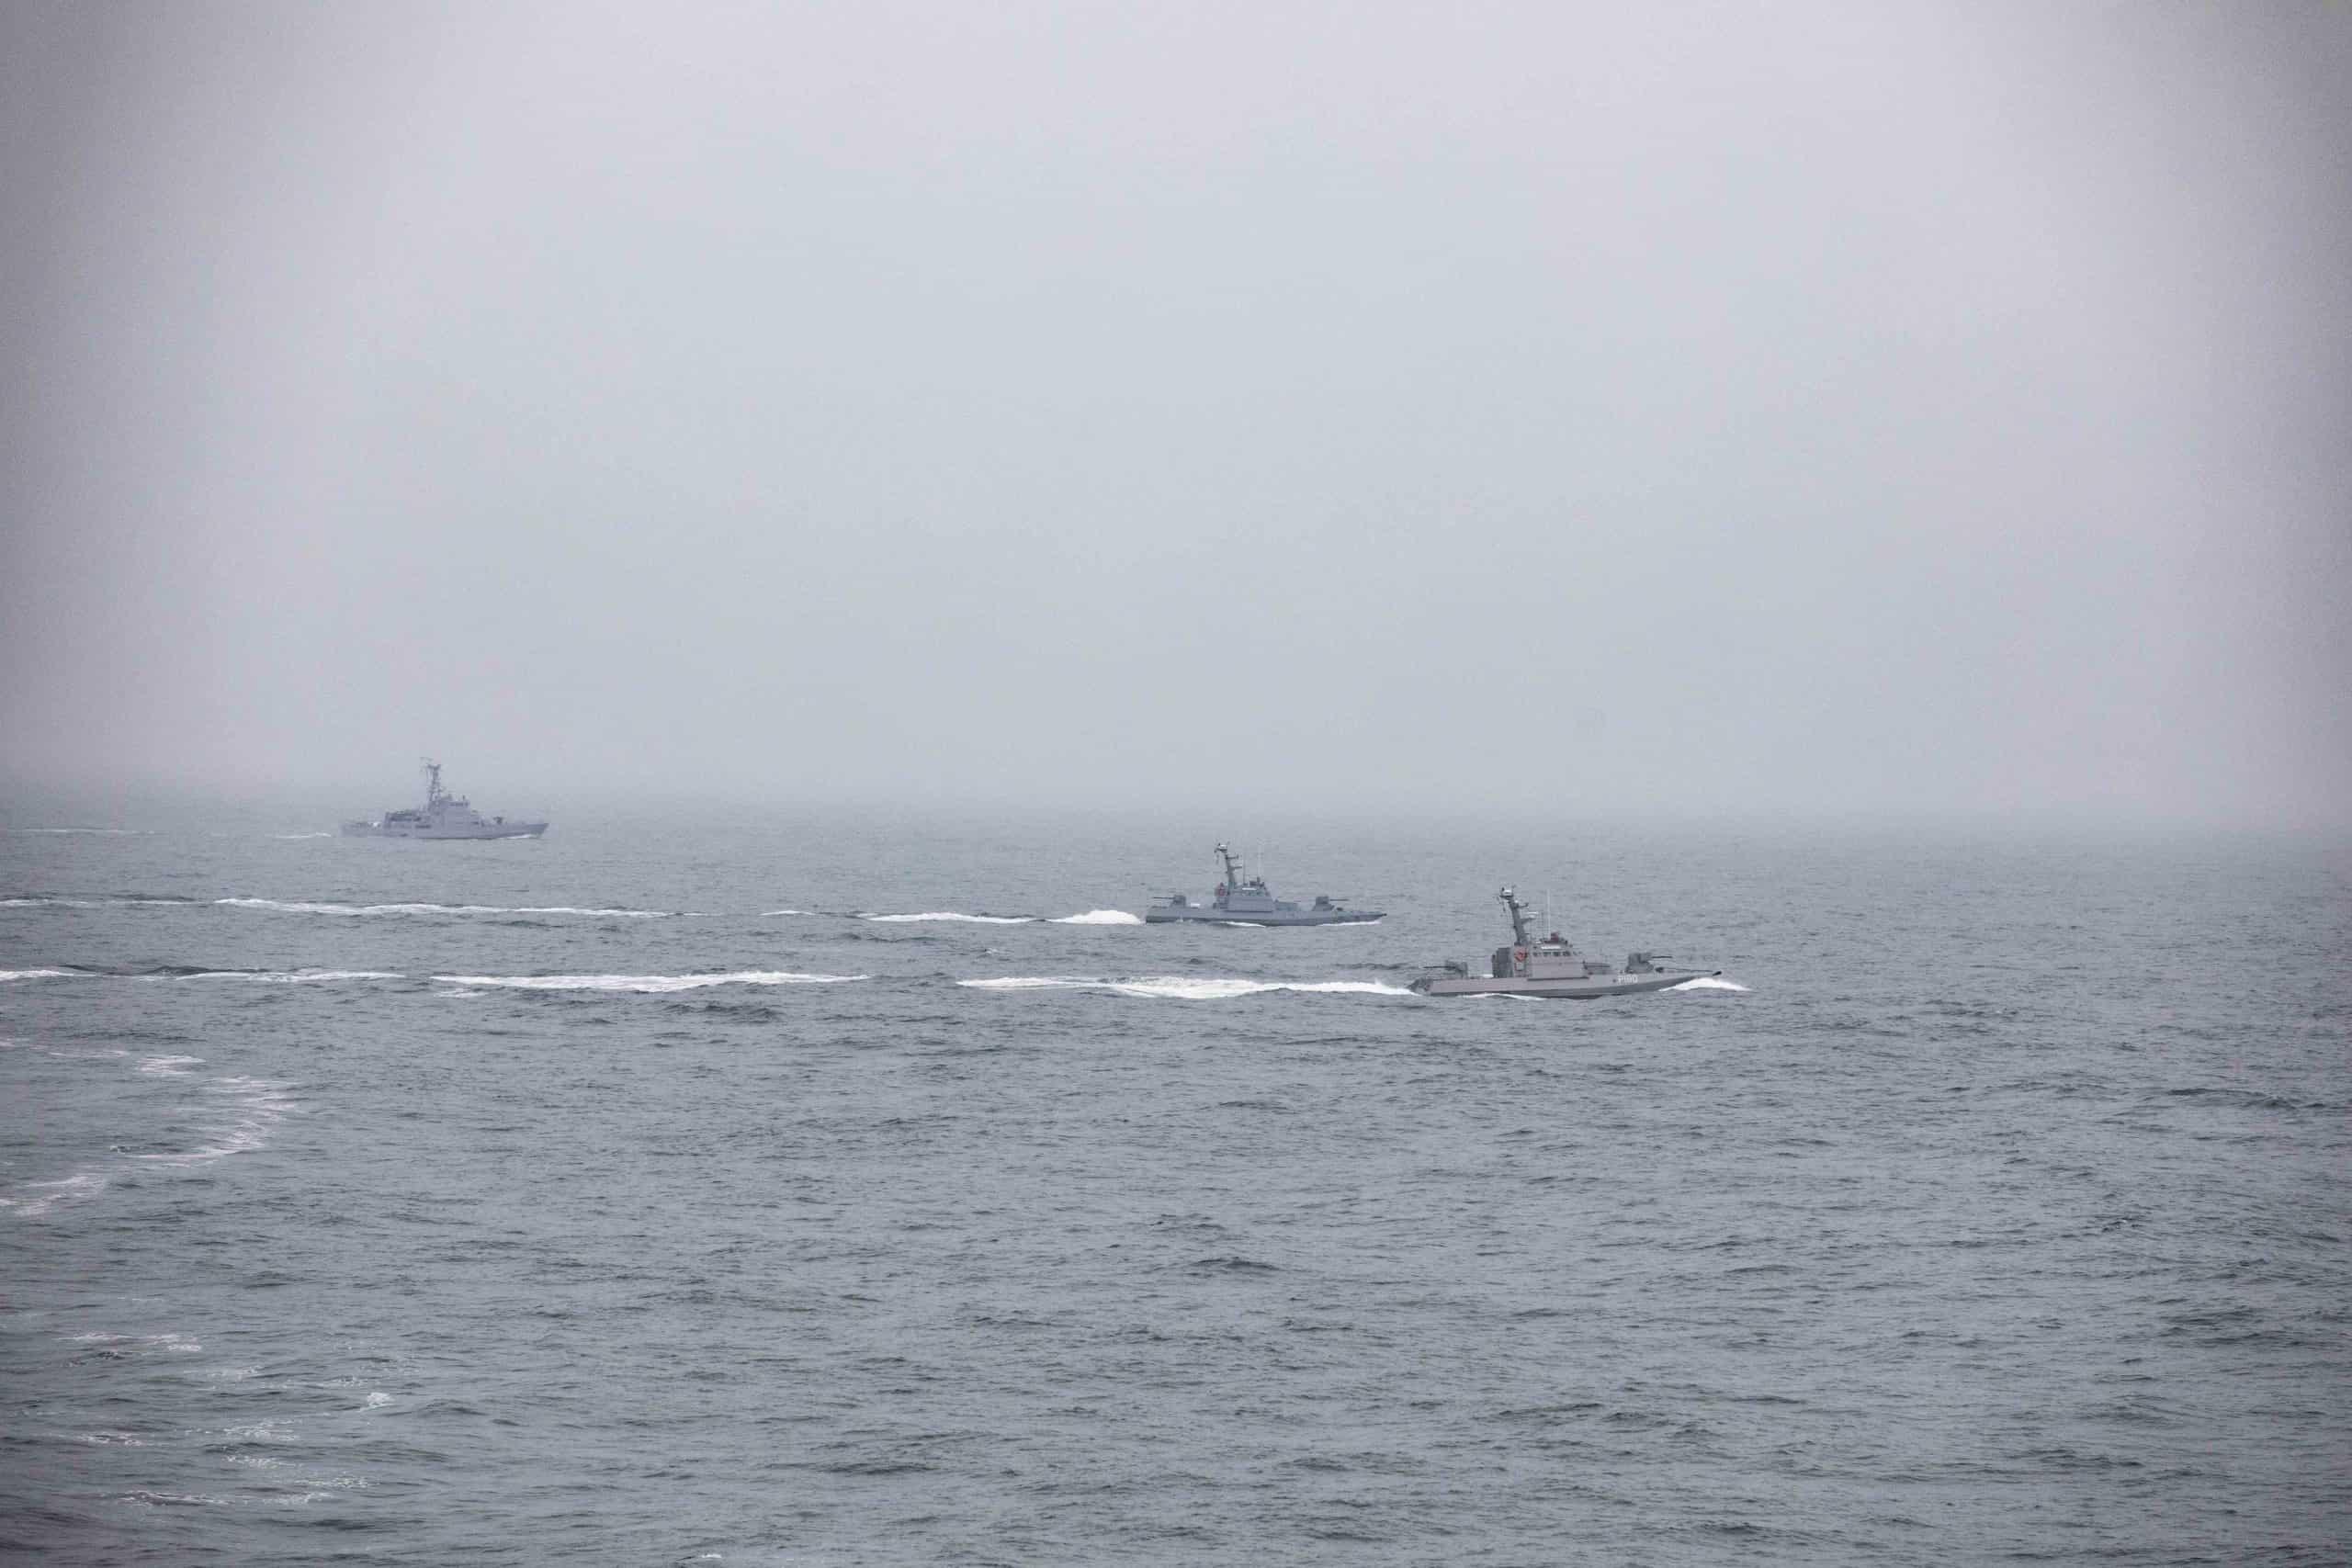 Патрульний катер типу Island та два малі броньовані артилерійські катери ВМС ЗС України на тренуваннях типу PASSEX